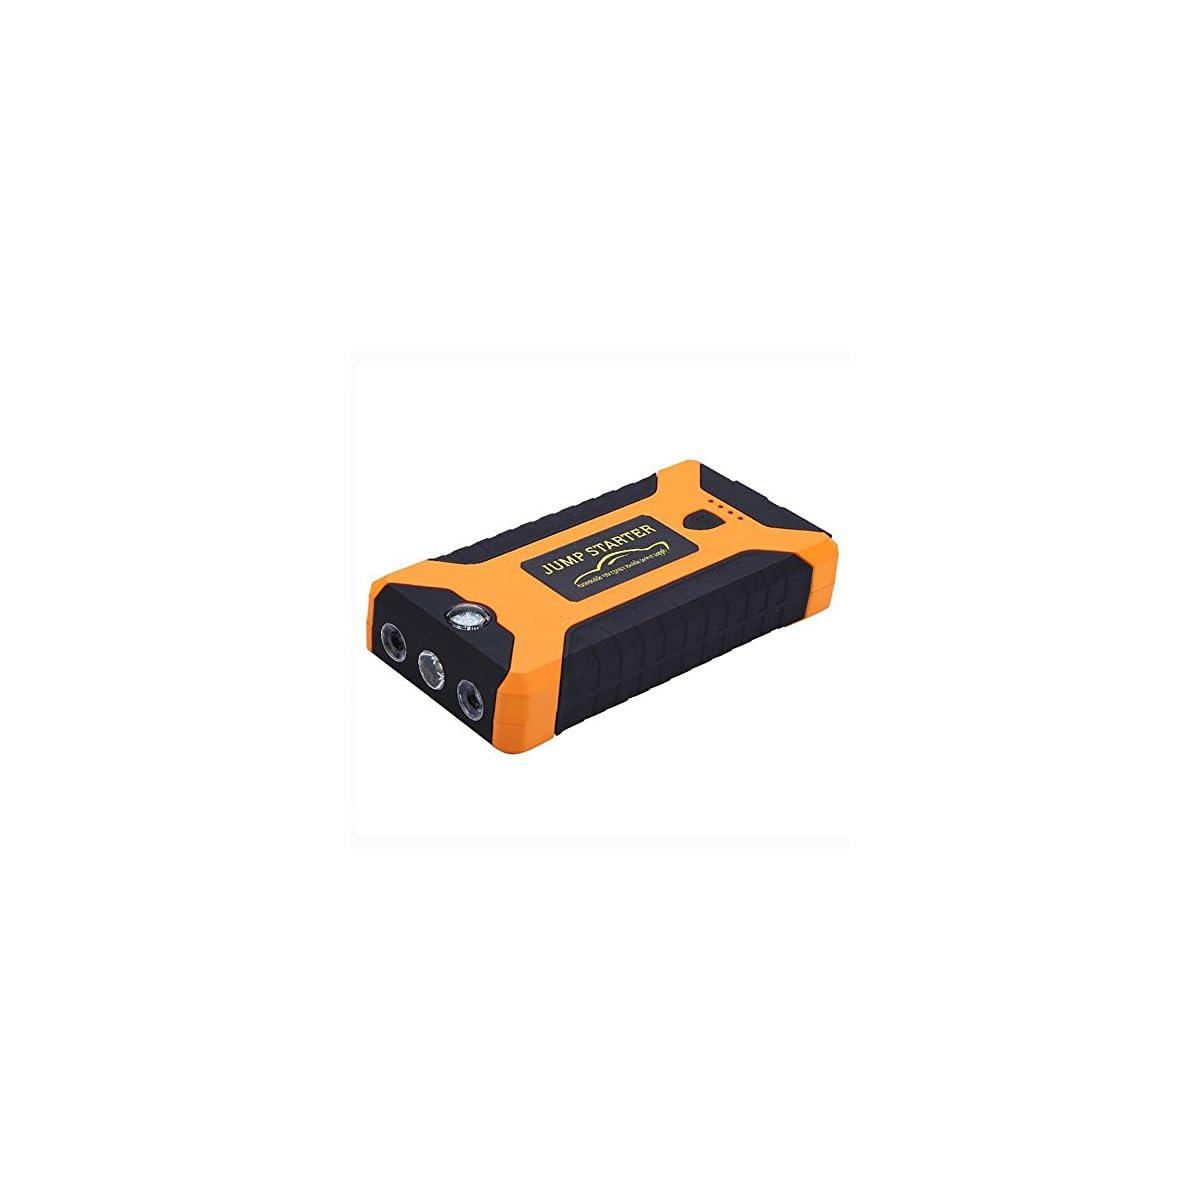 41io3G0sWPL. SS1200  - MIAO Auto Jump Starter - 20000mAh T6 Emergency Power Car fuente de alimentación de emergencia, 12V Car Multi-Output Interface Mobile Power